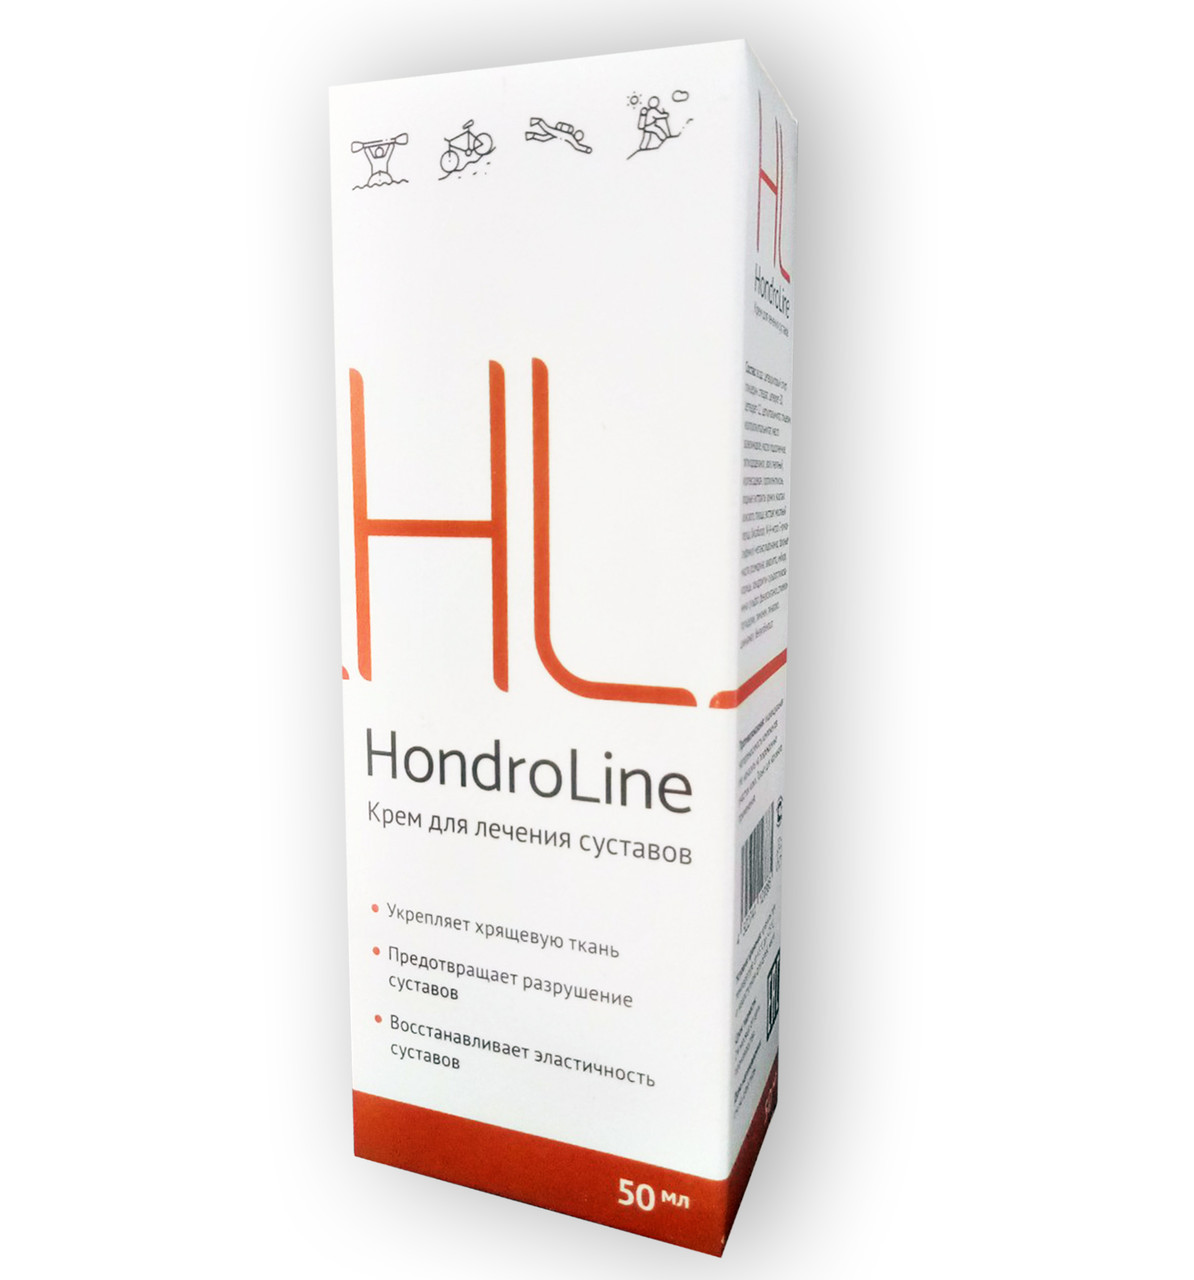 Hondroline - Крем для лечения суставов (Хондролайн), Укрепляет хрящевую ткань